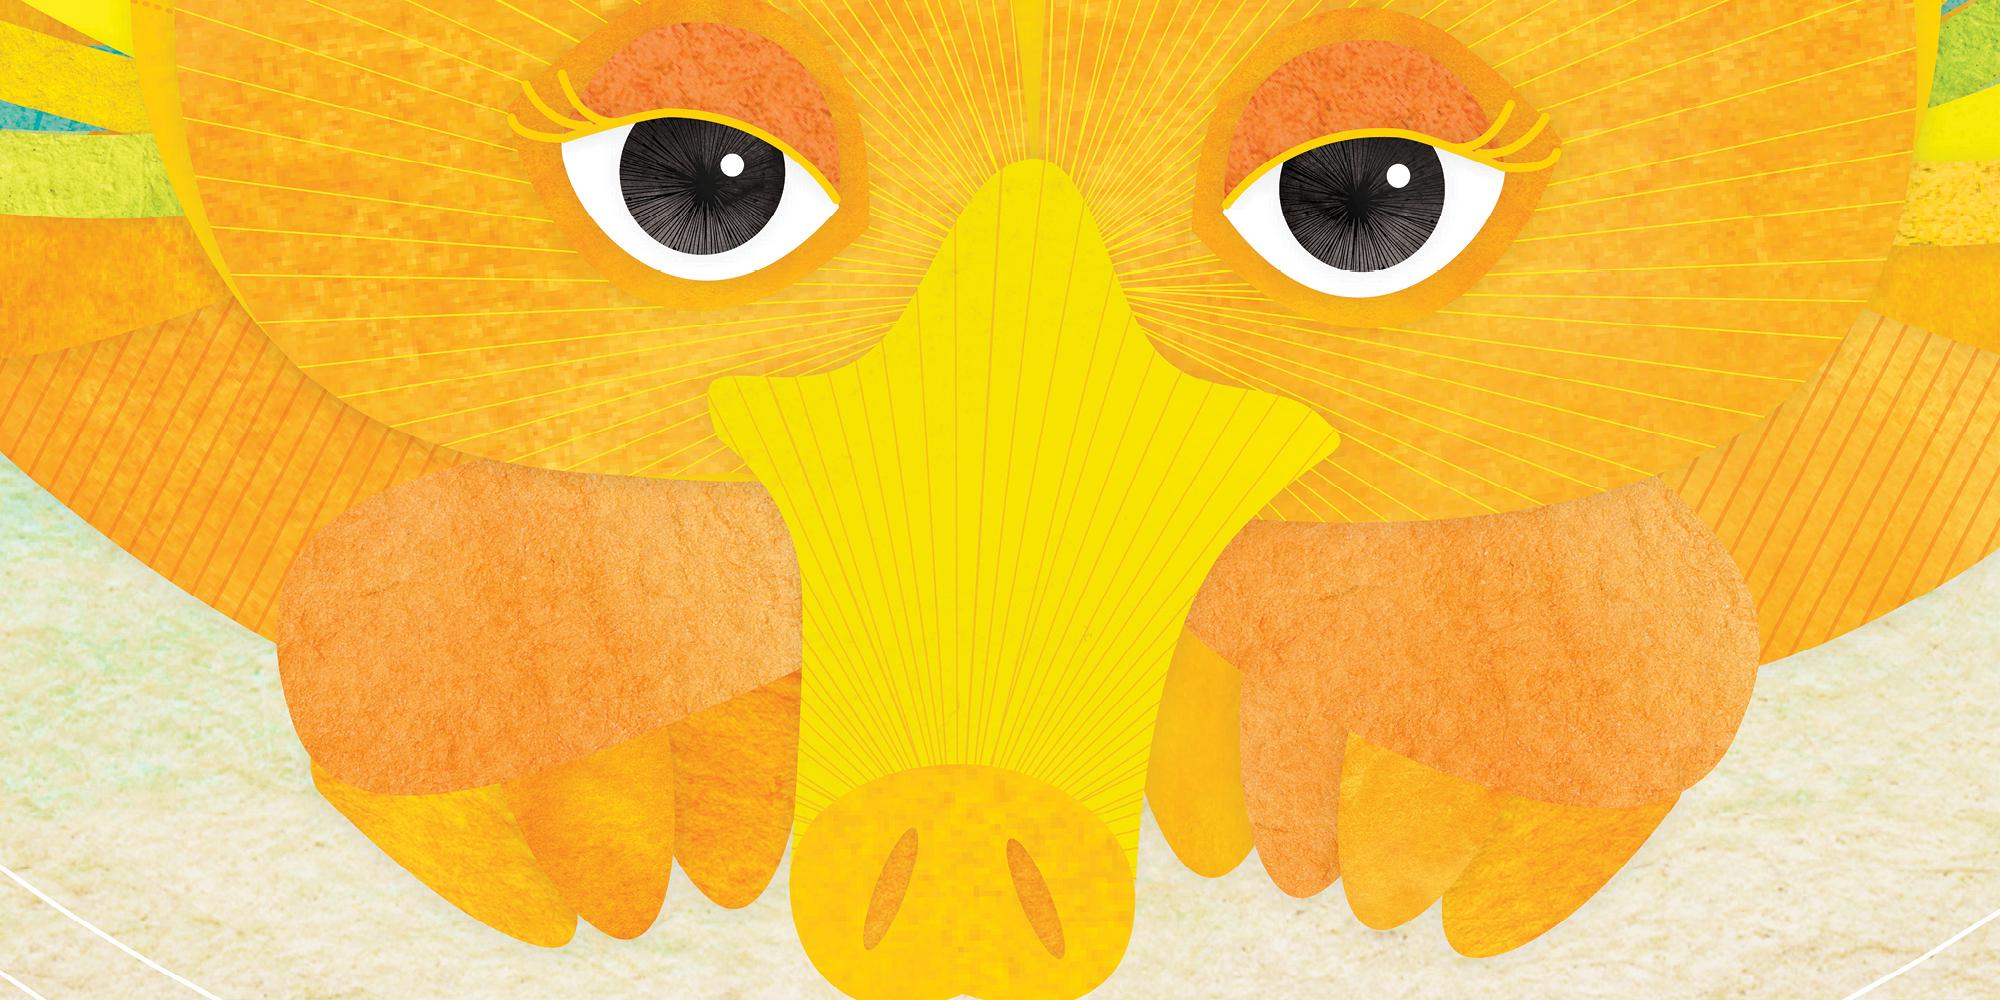 Shanti-sparrow-illustration12.jpg